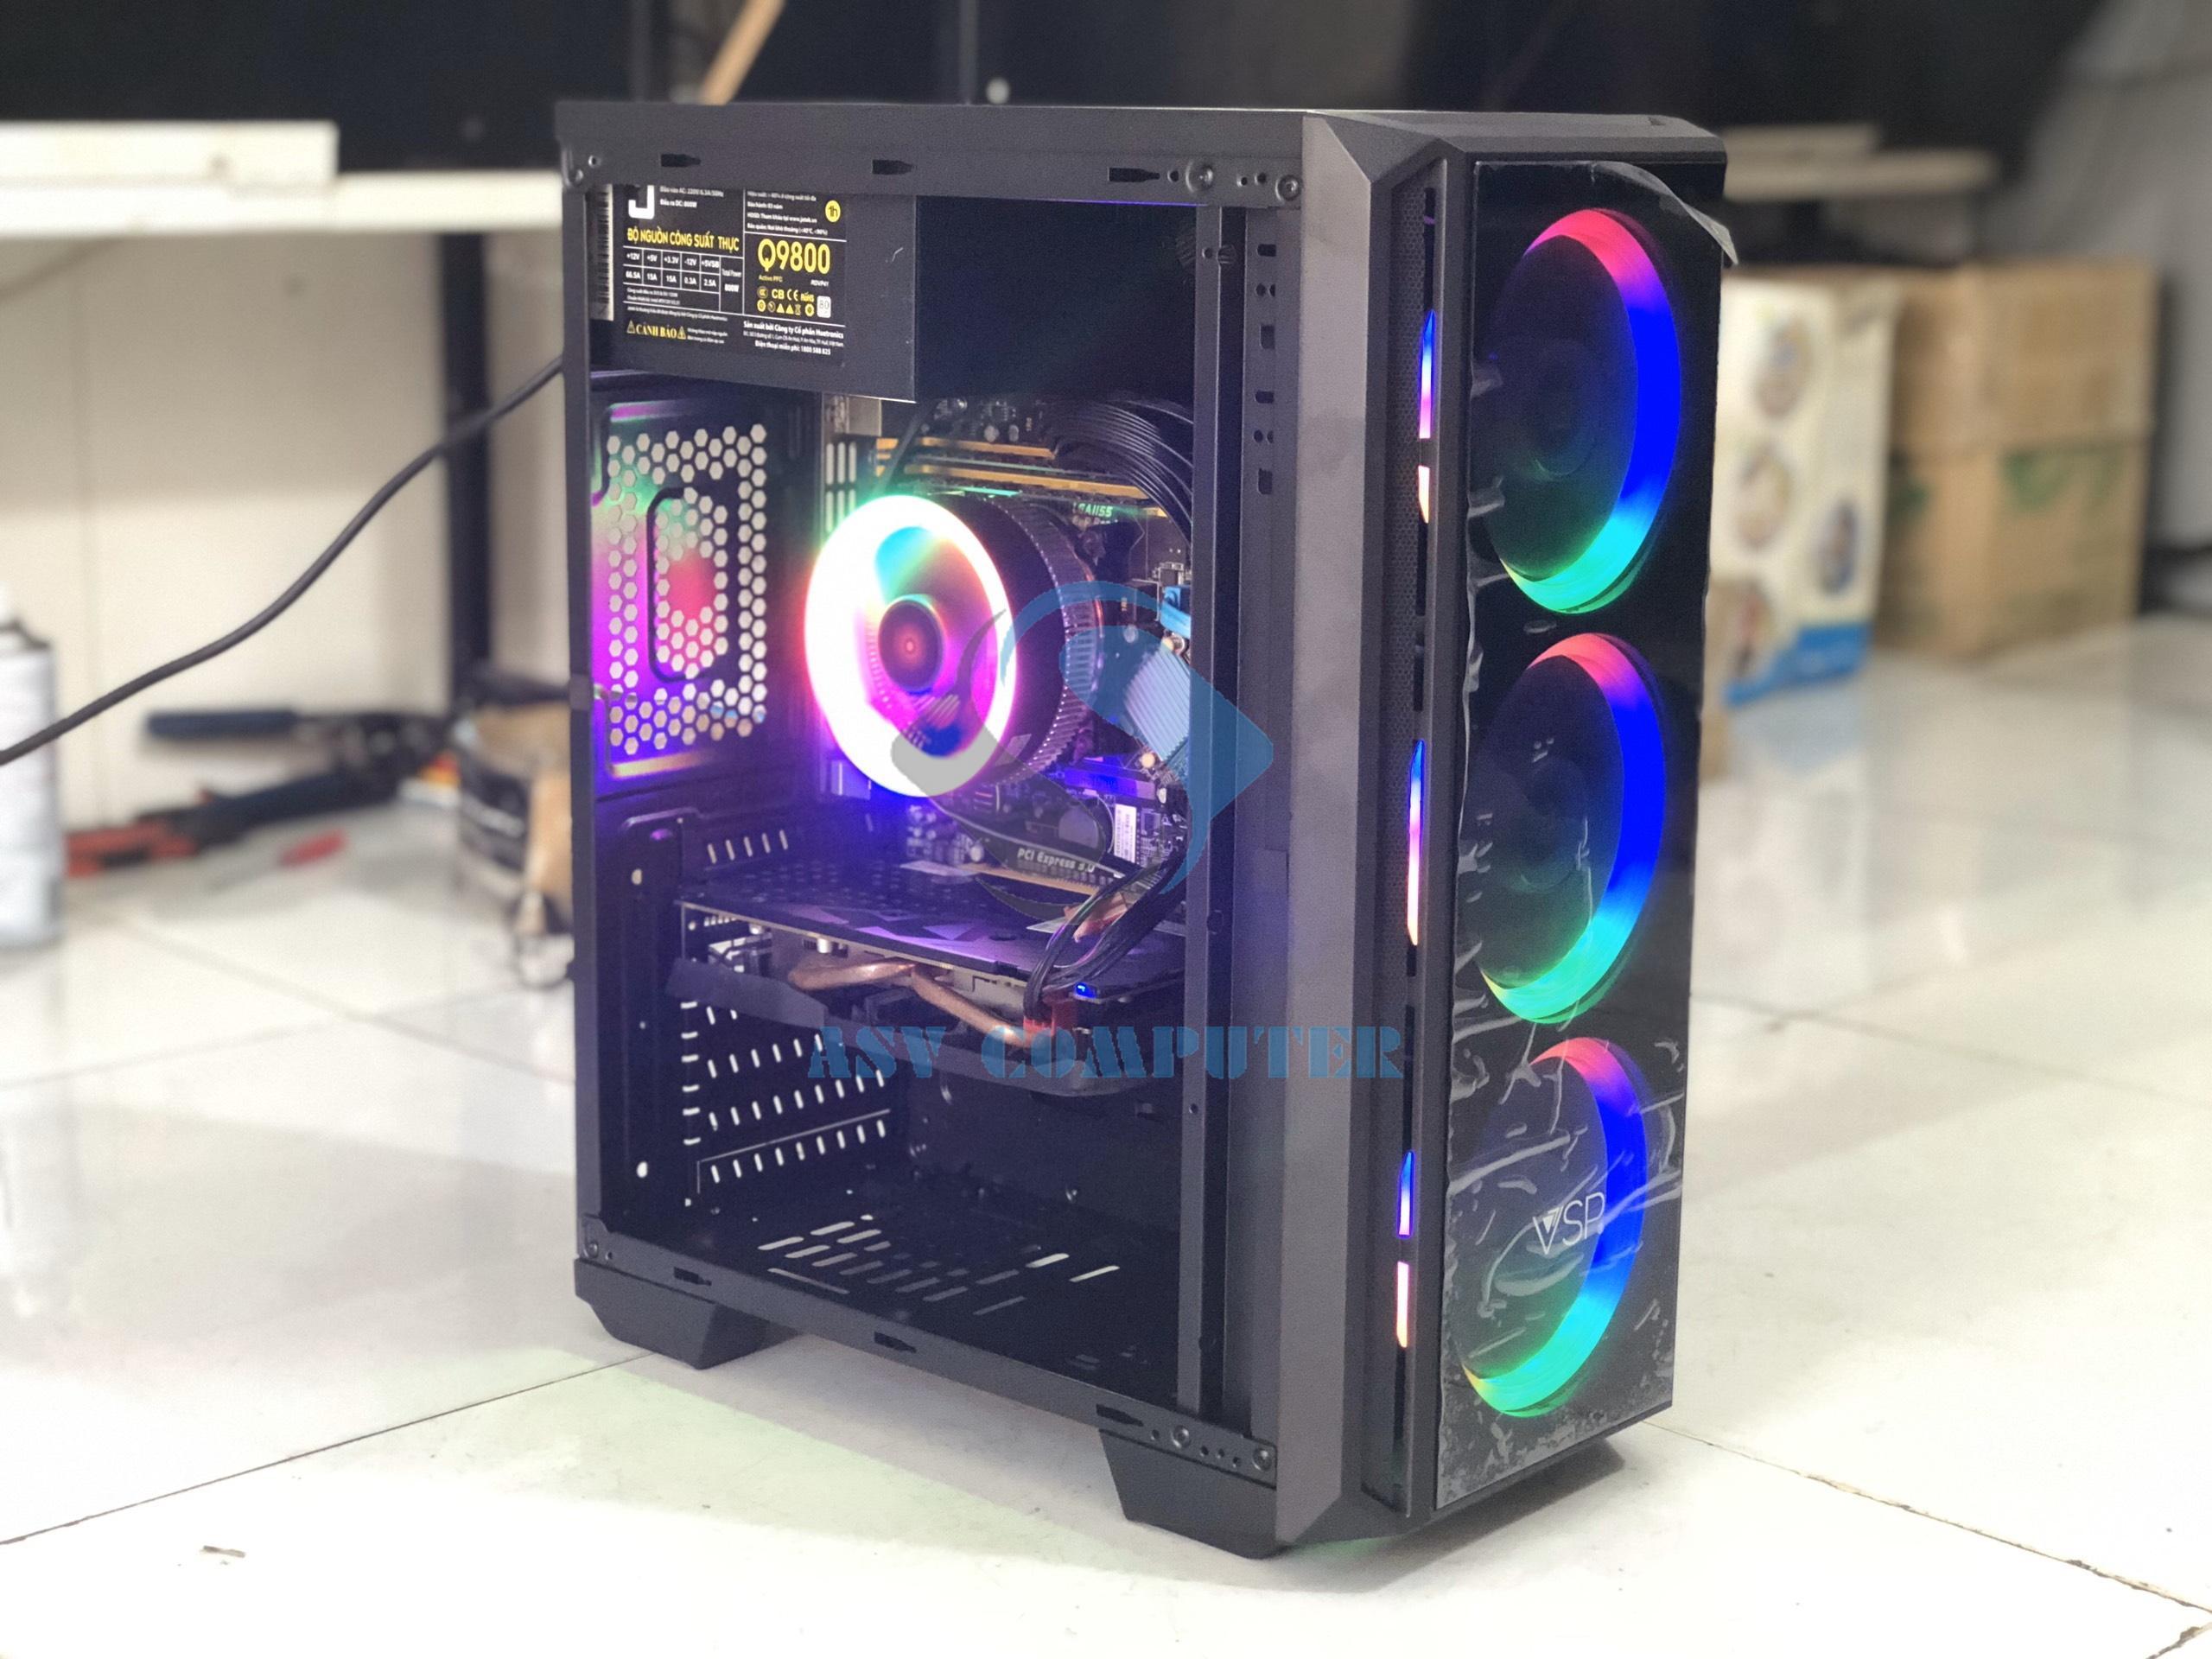 Máy Tính Chơi Game I5-3570, Ram 8GB, Card GTX 1060 3GB Siêu Ưu Đãi tại Lazada